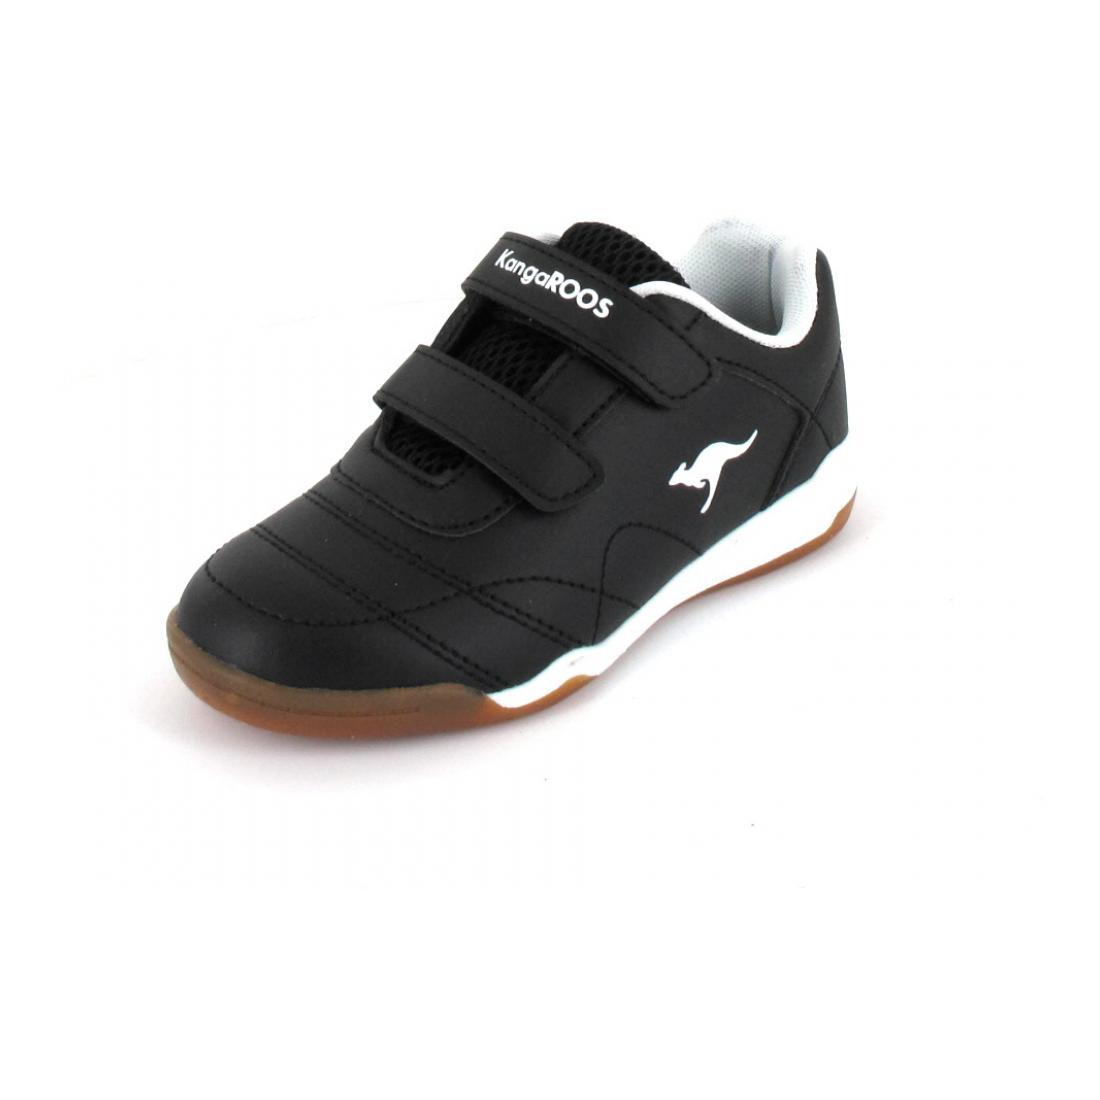 KangaRoos Sneaker COURTYARD V